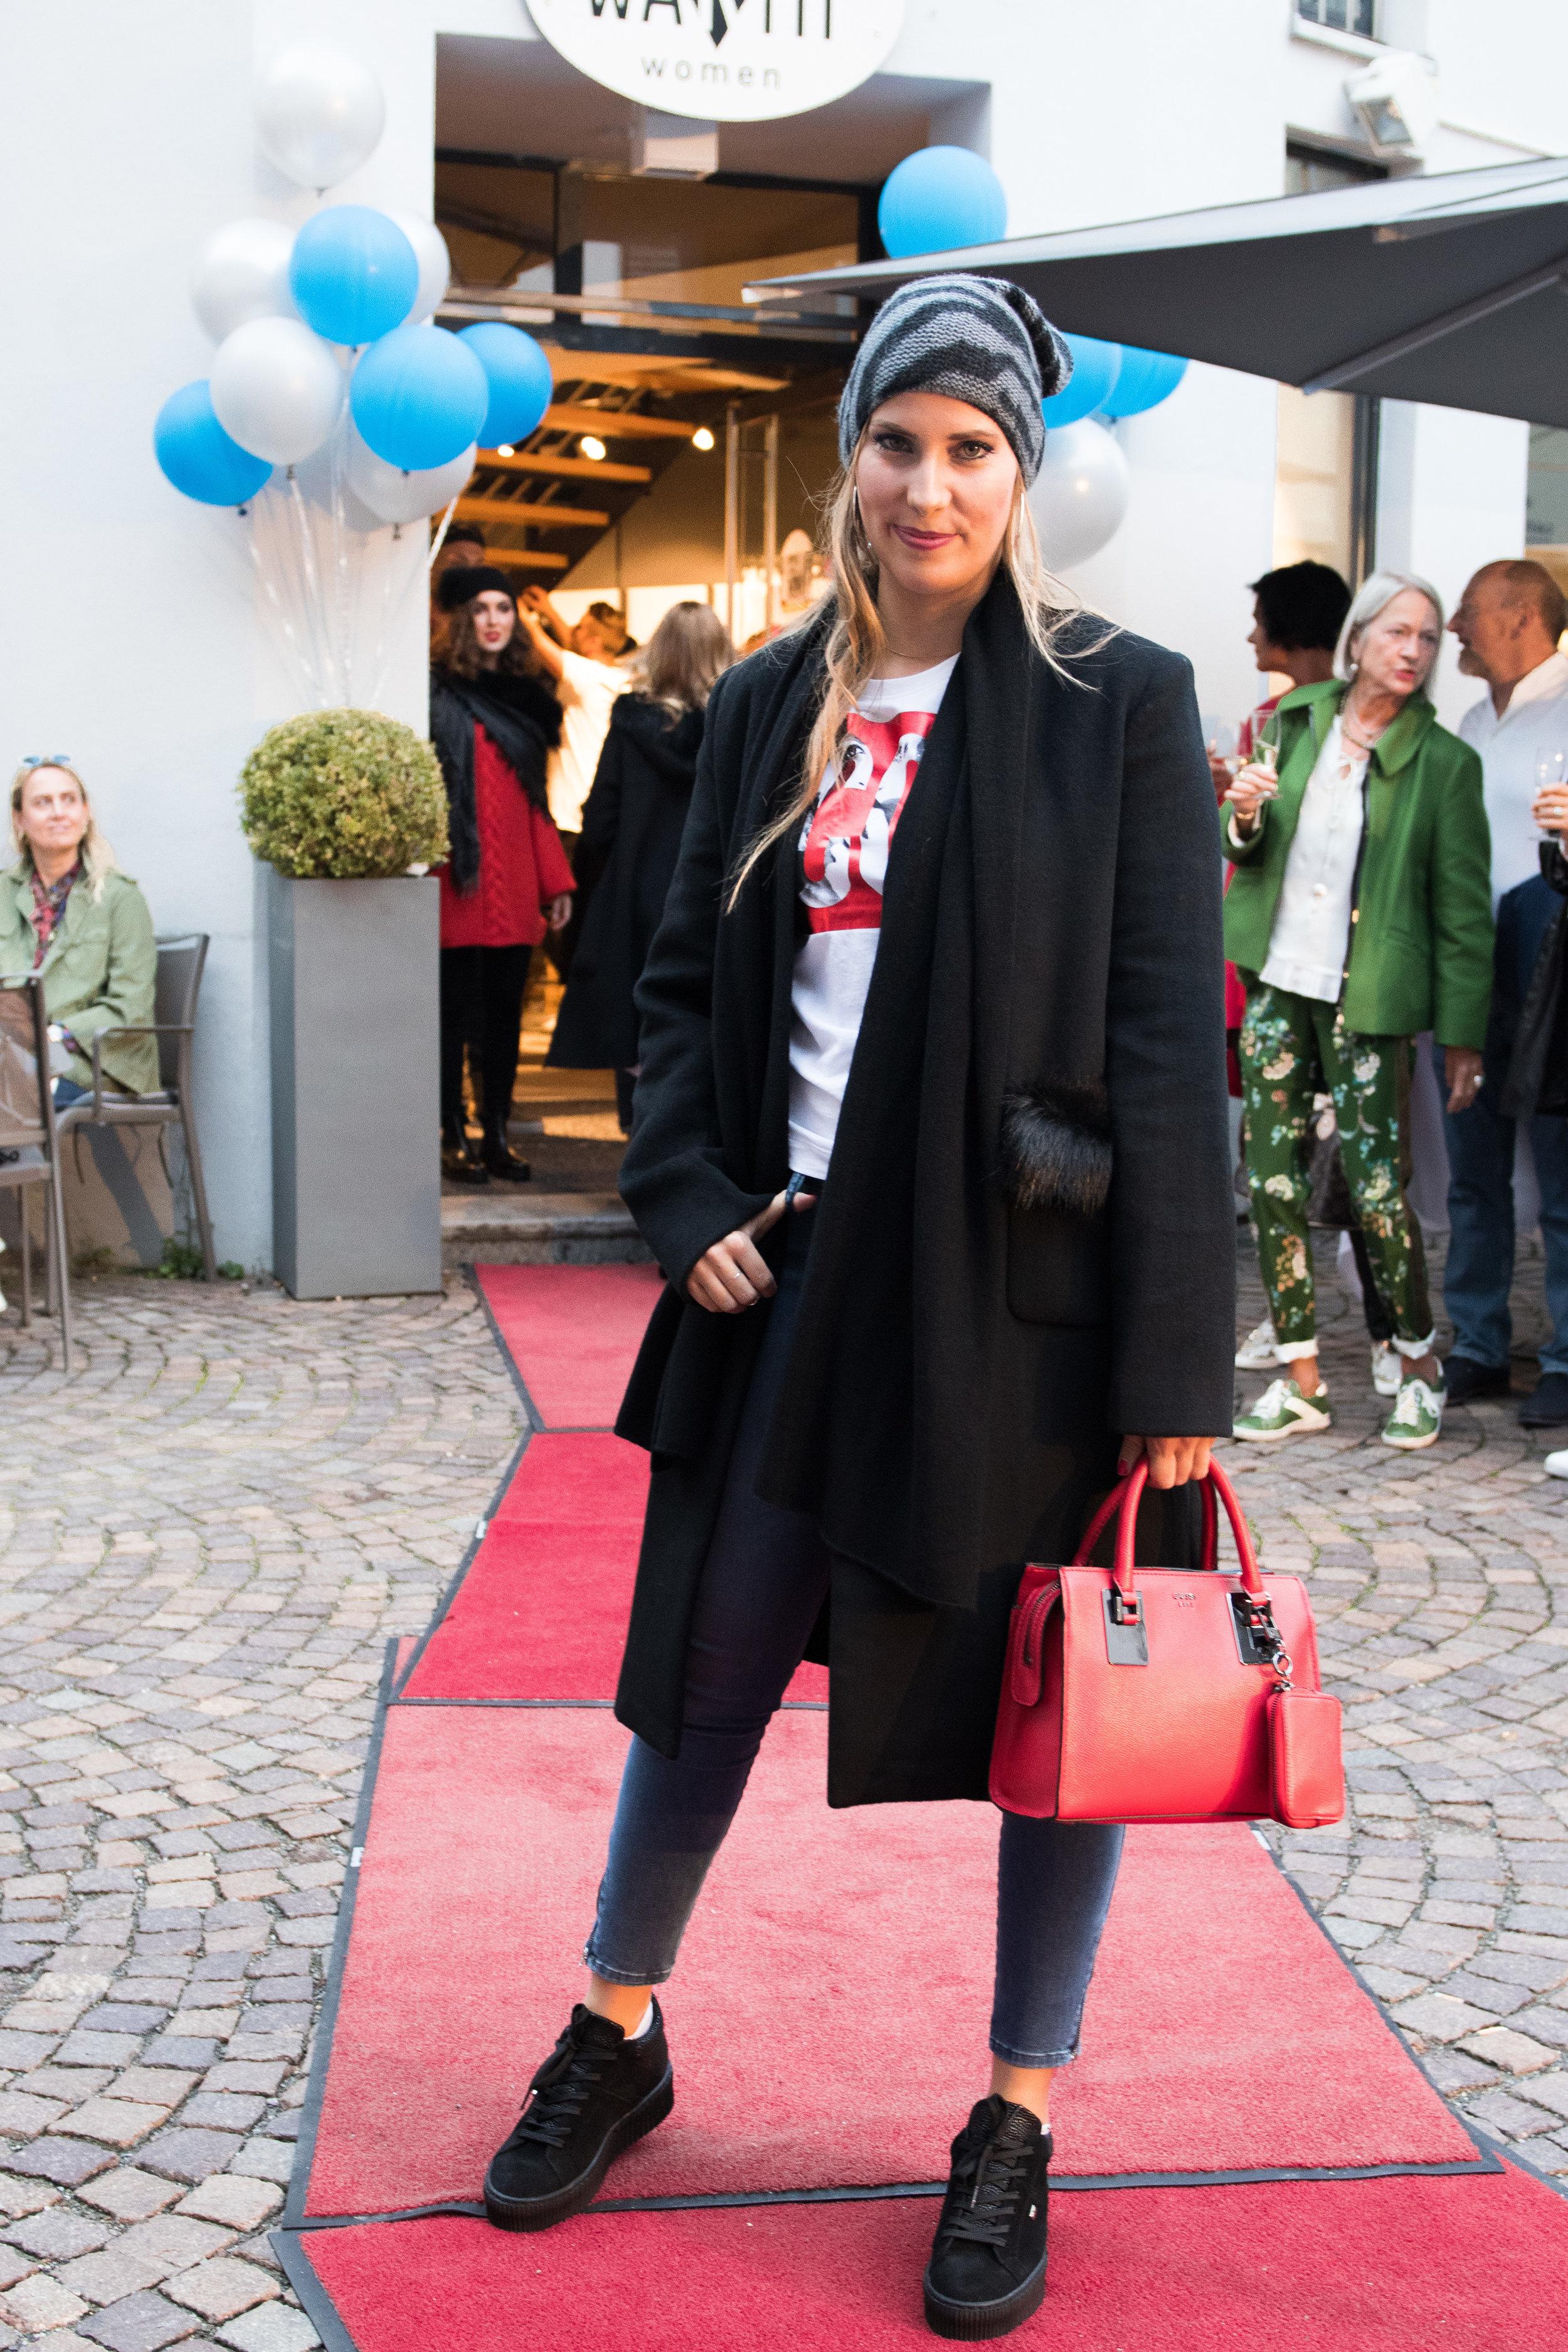 Fashionshowbackstage_8.jpg